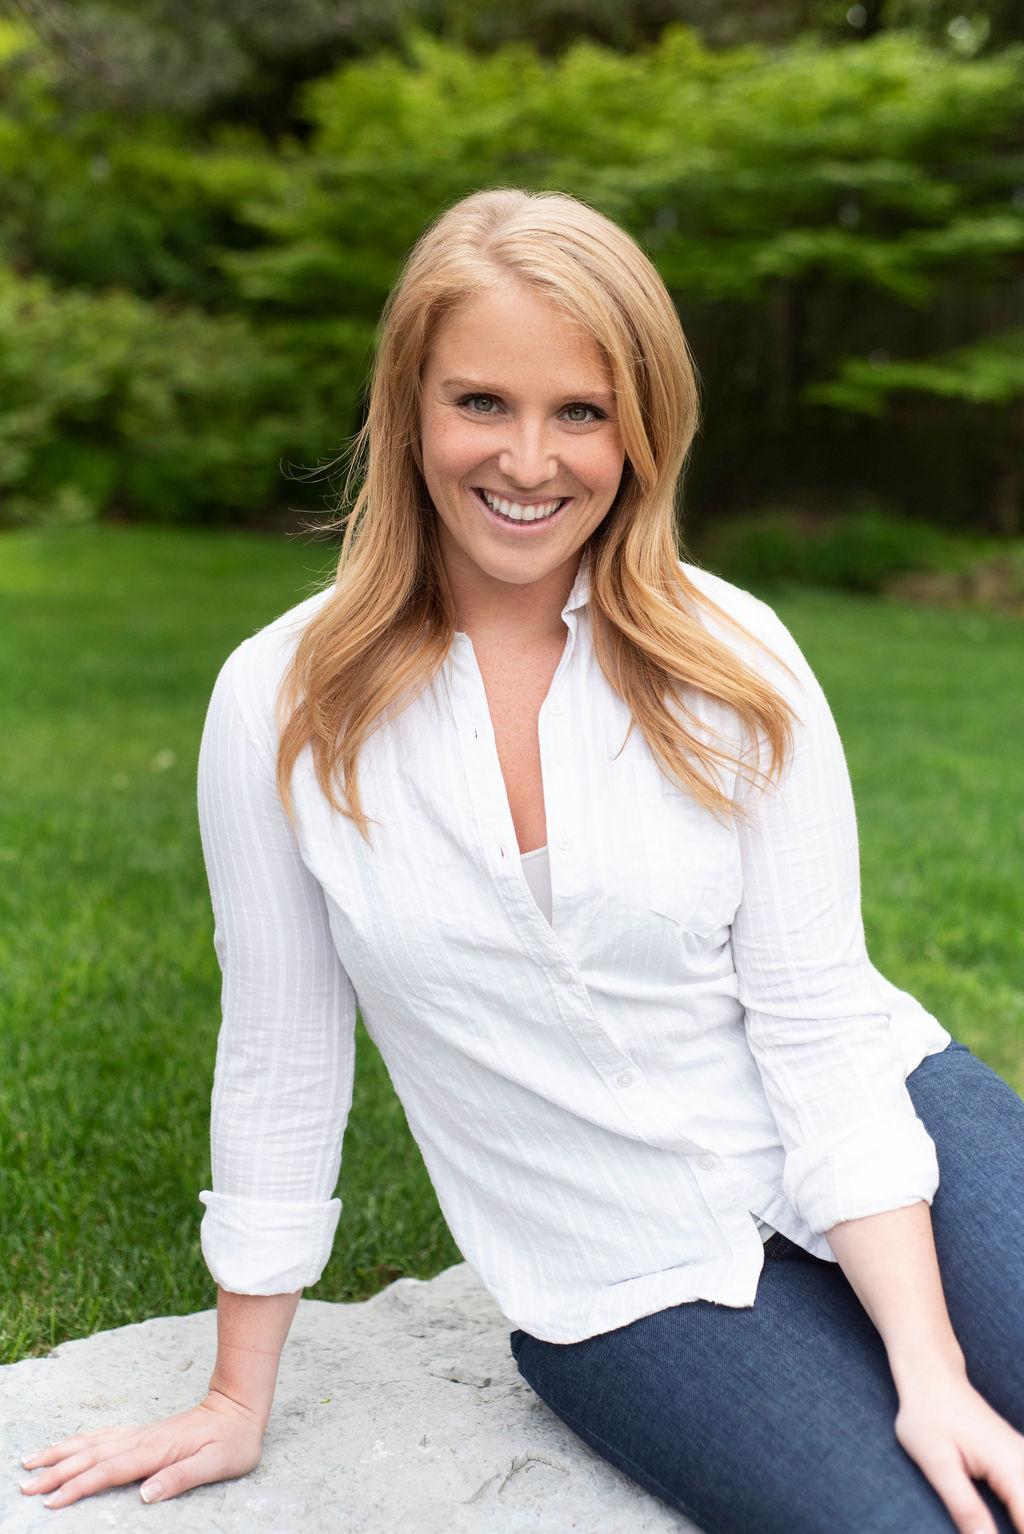 Caitlin Howell